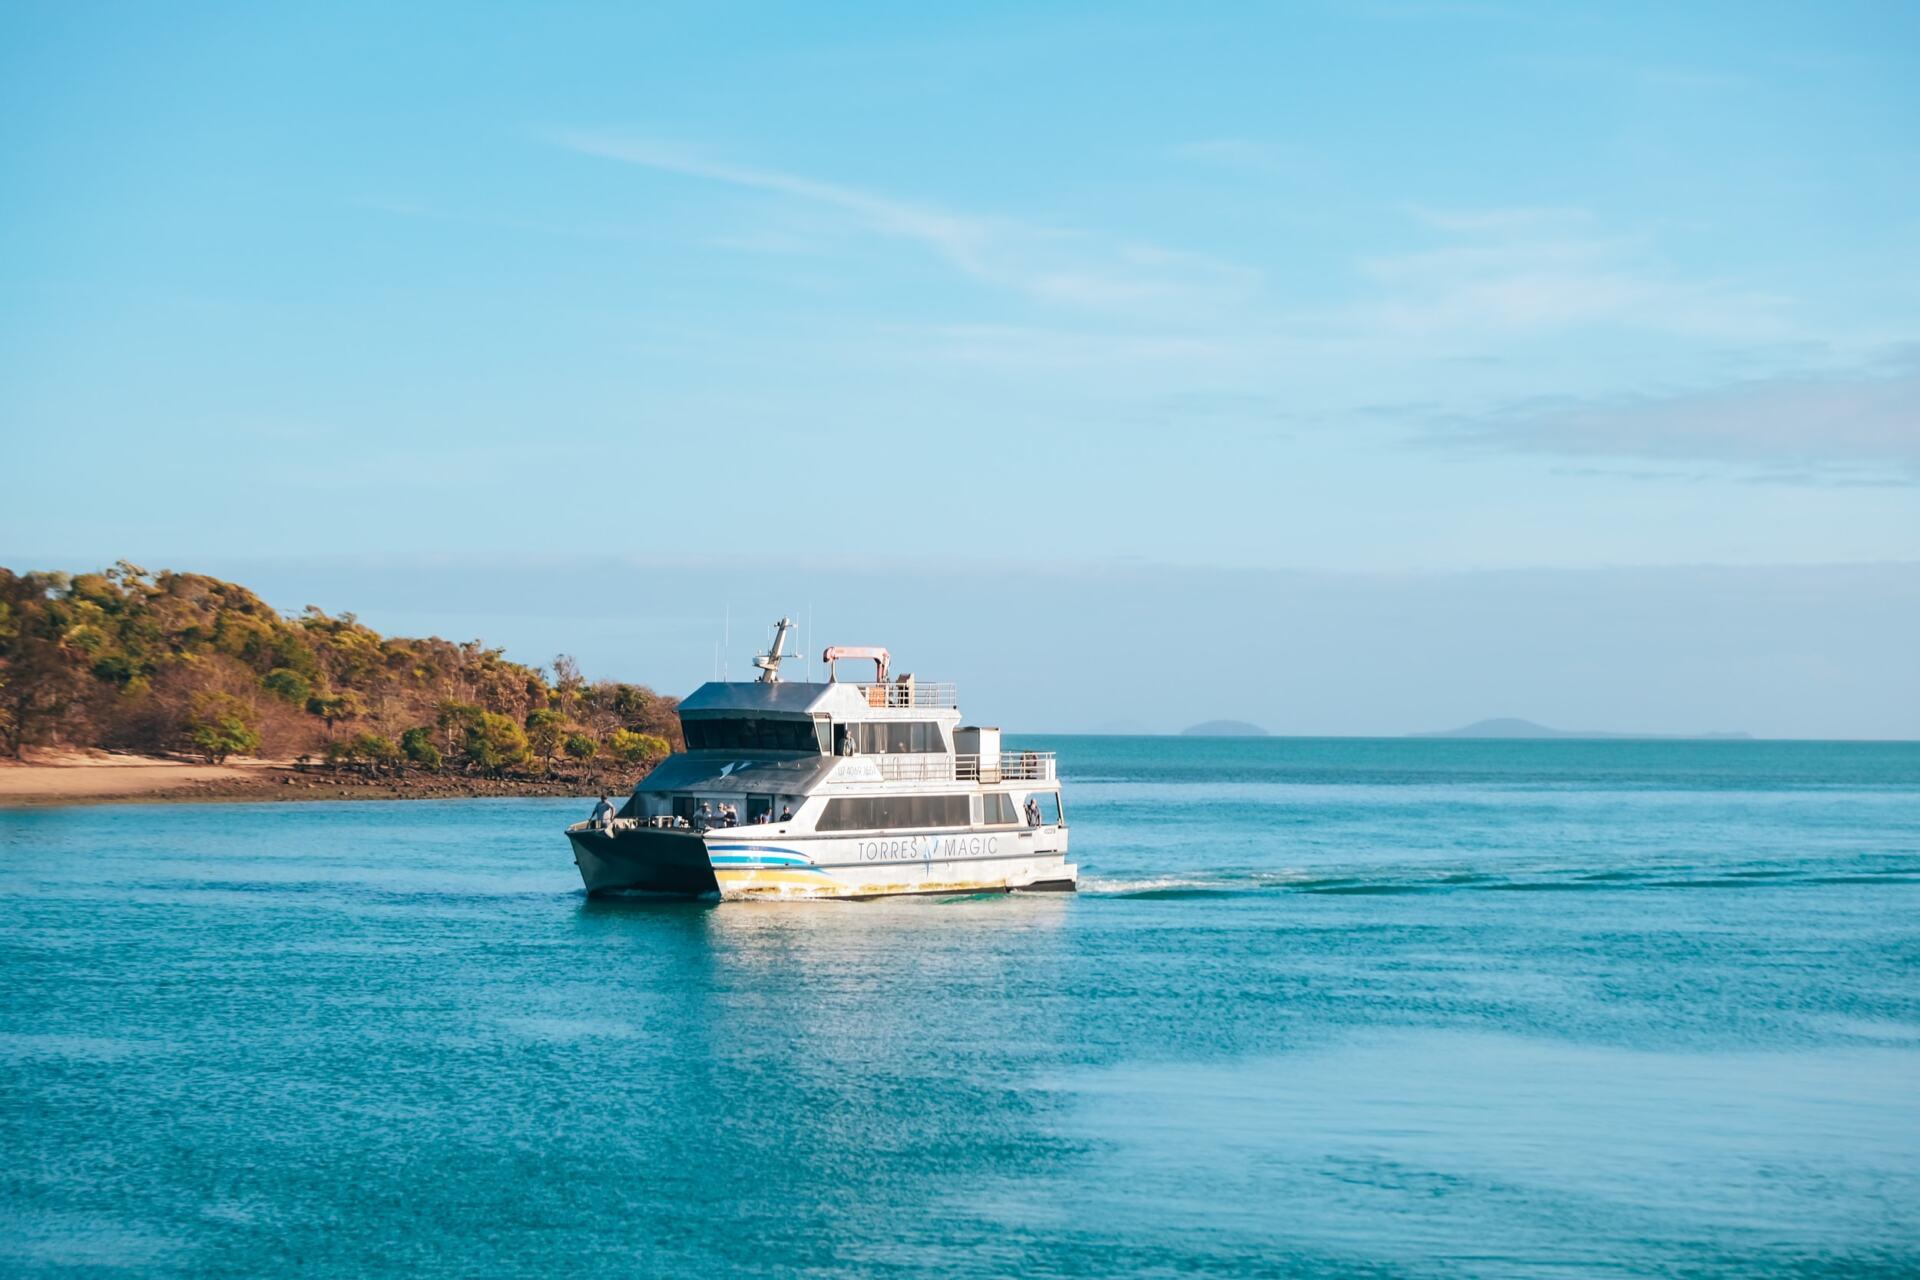 peddells ferry